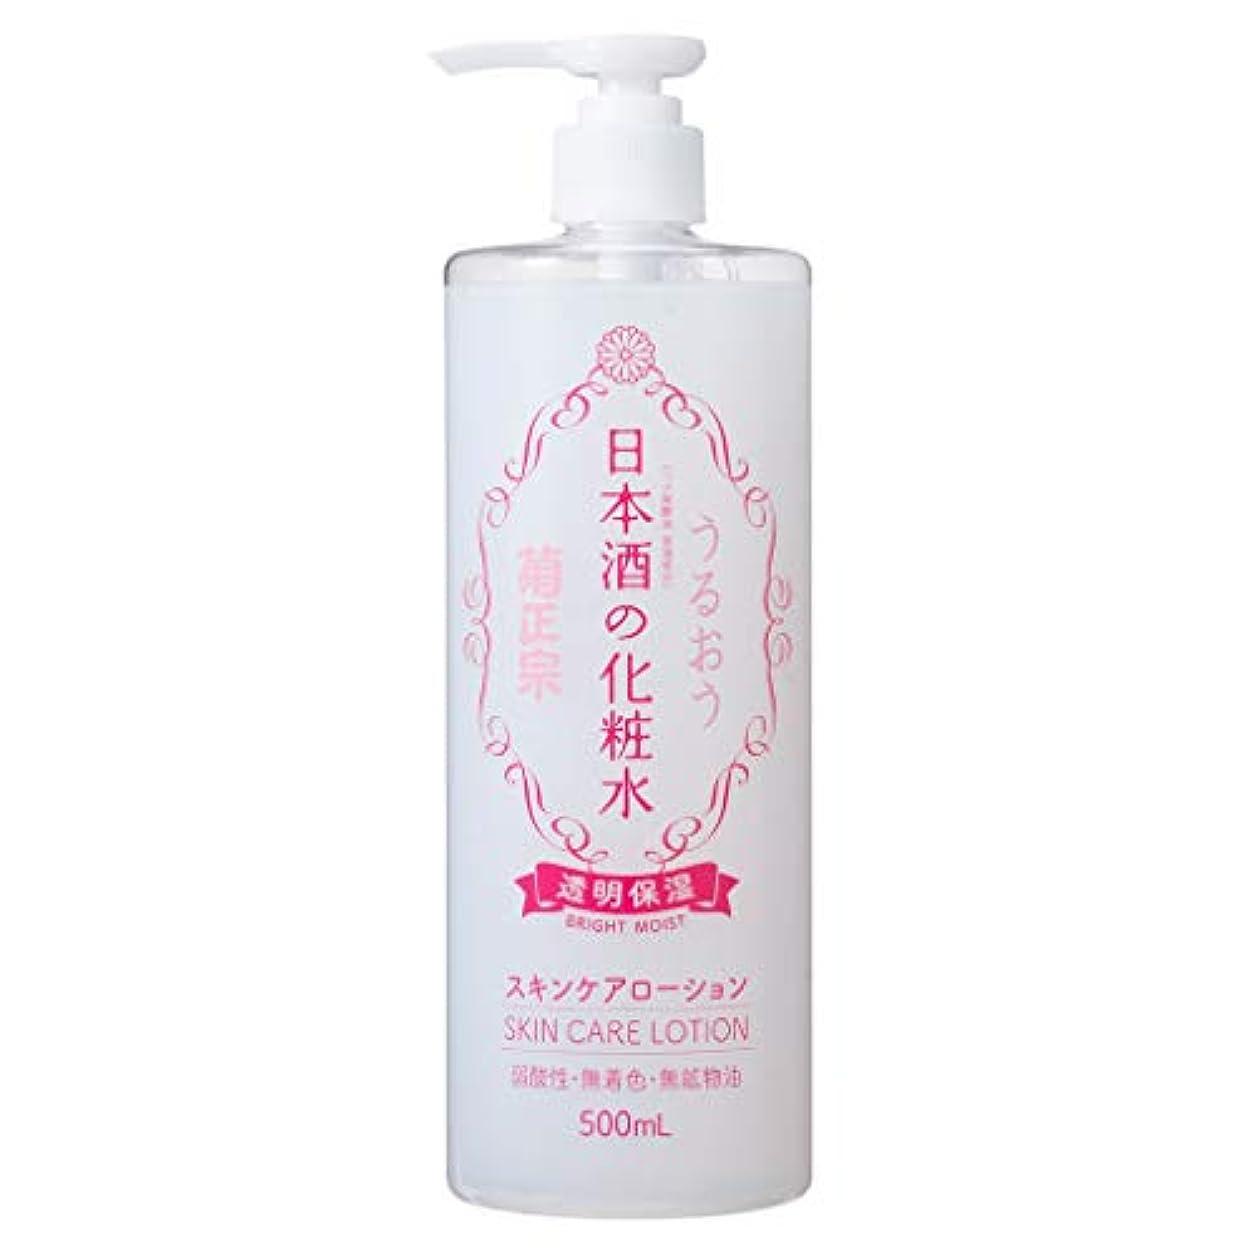 補償アサーラブ菊正宗 日本酒の化粧水 透明保湿 500ml ビタミン